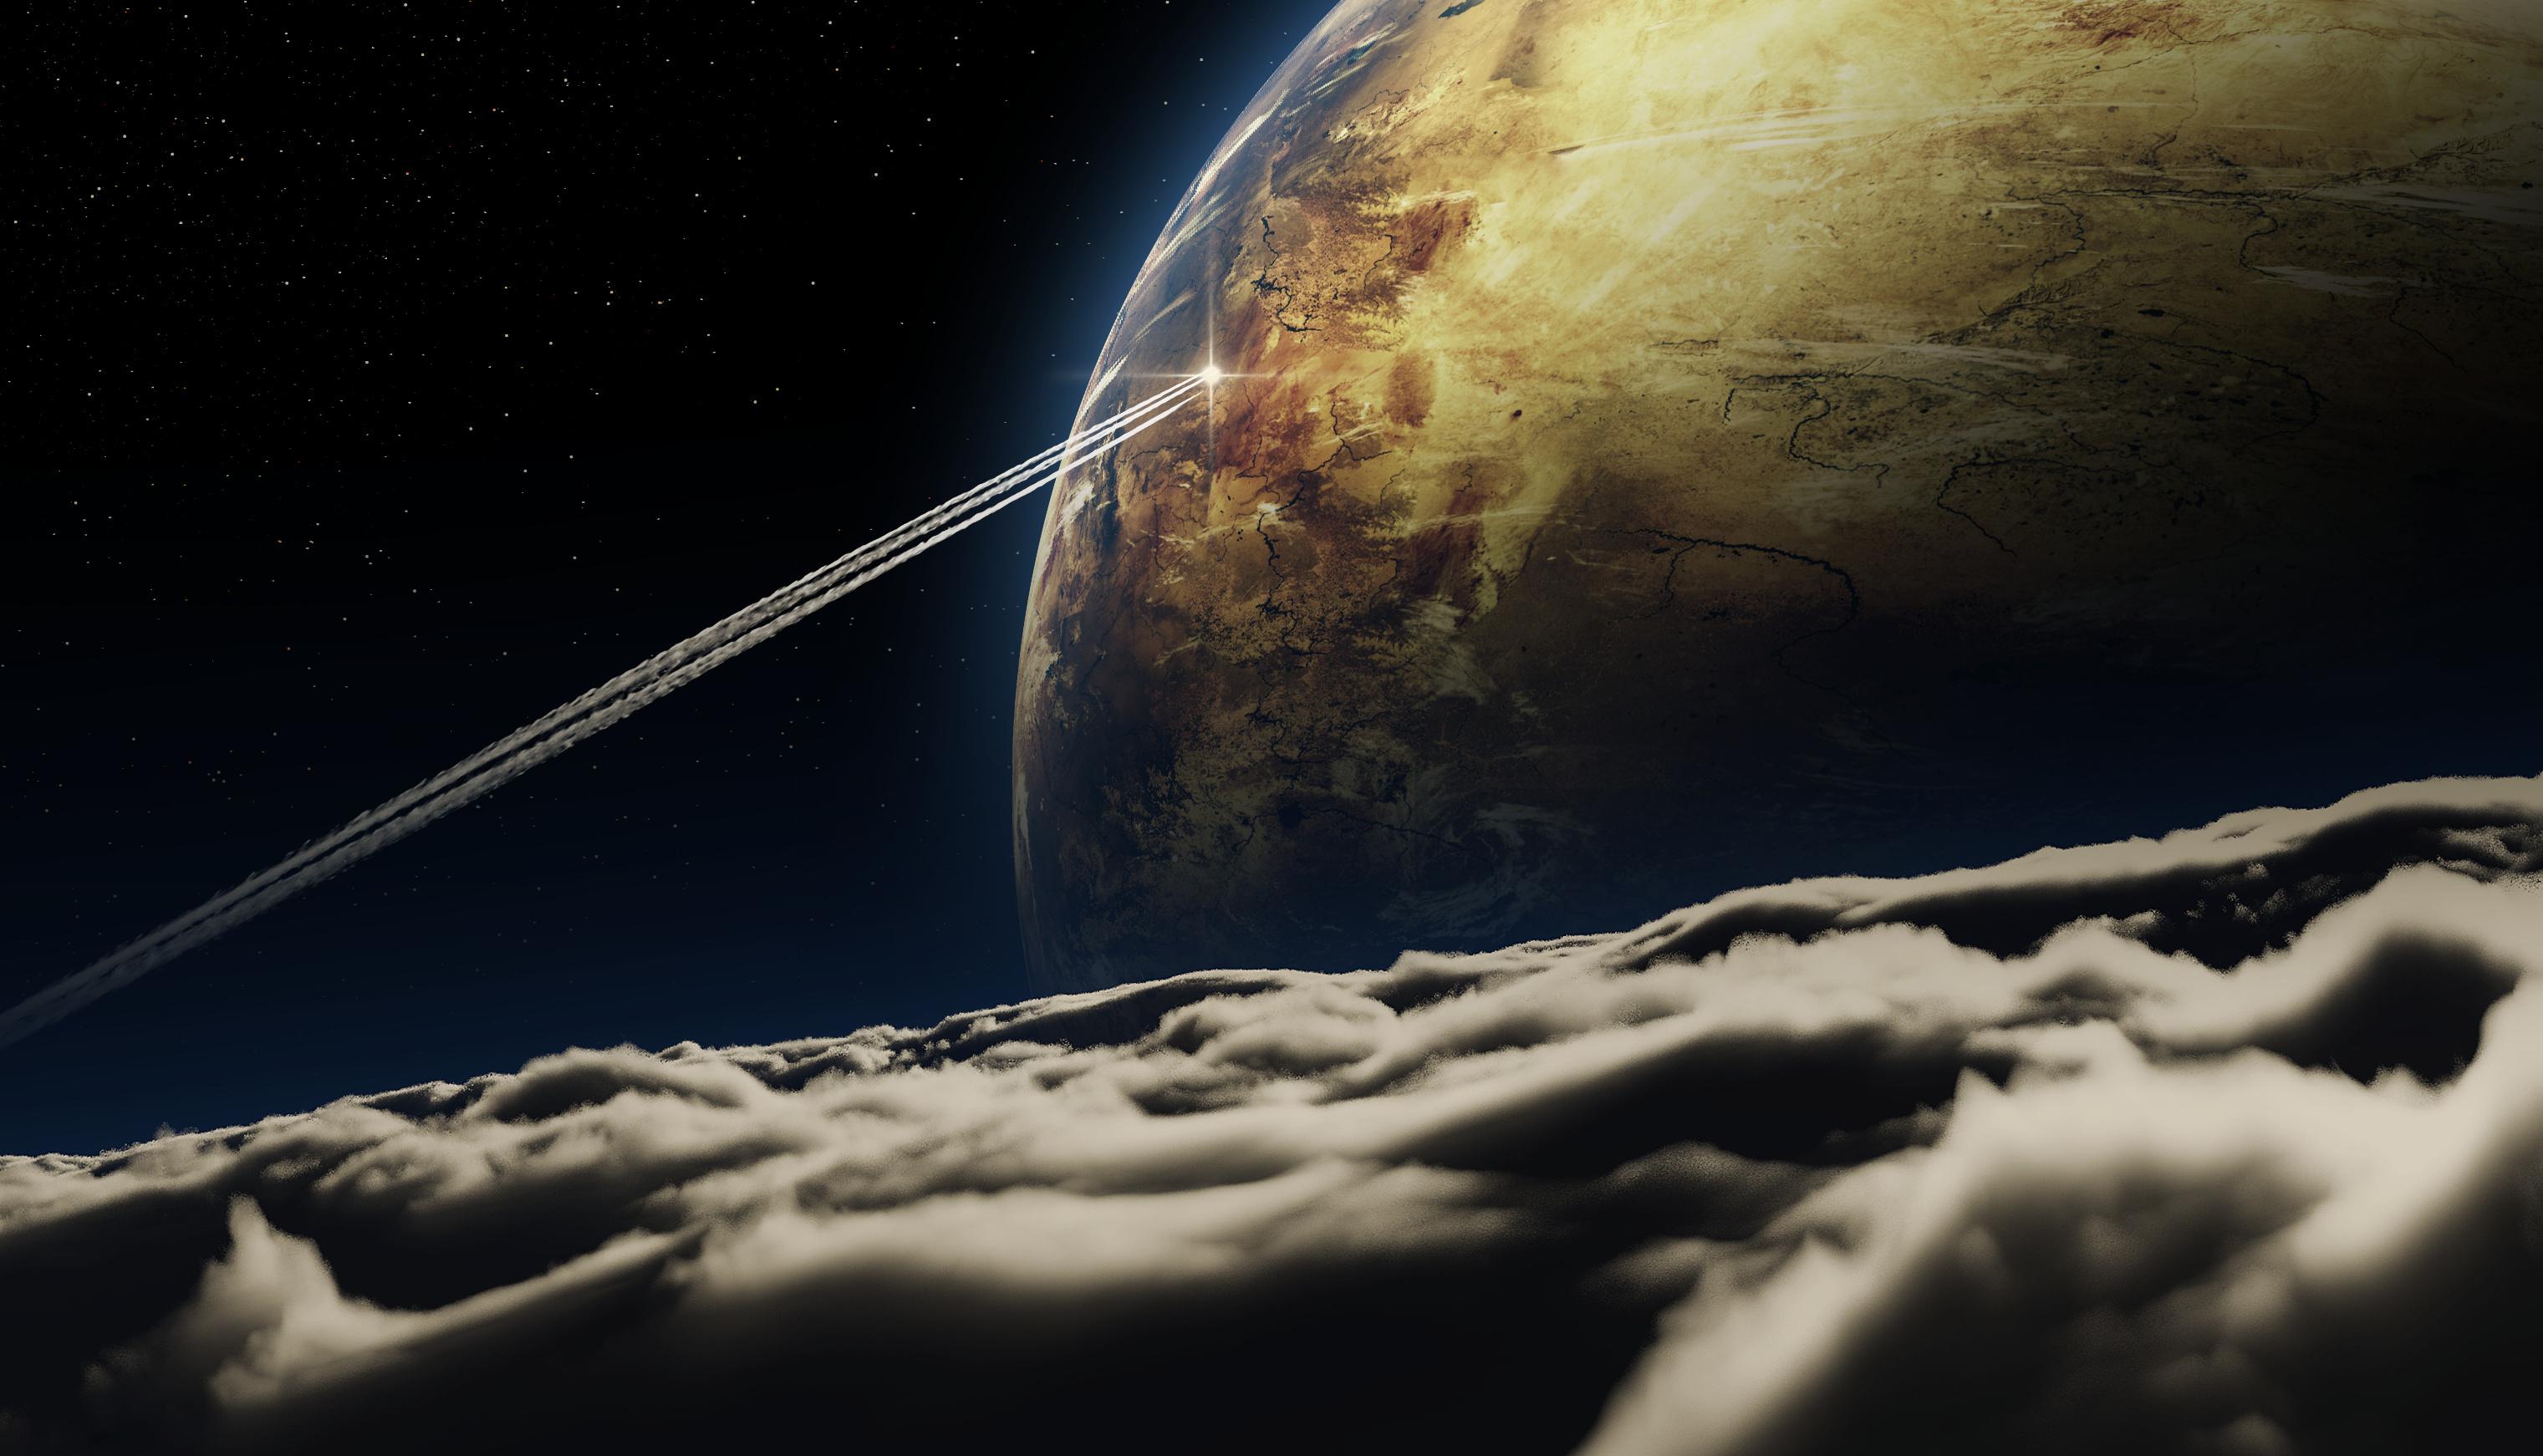 Обои космический корабль планета картинки на рабочий стол на тему Космос - скачать  № 3950411 бесплатно